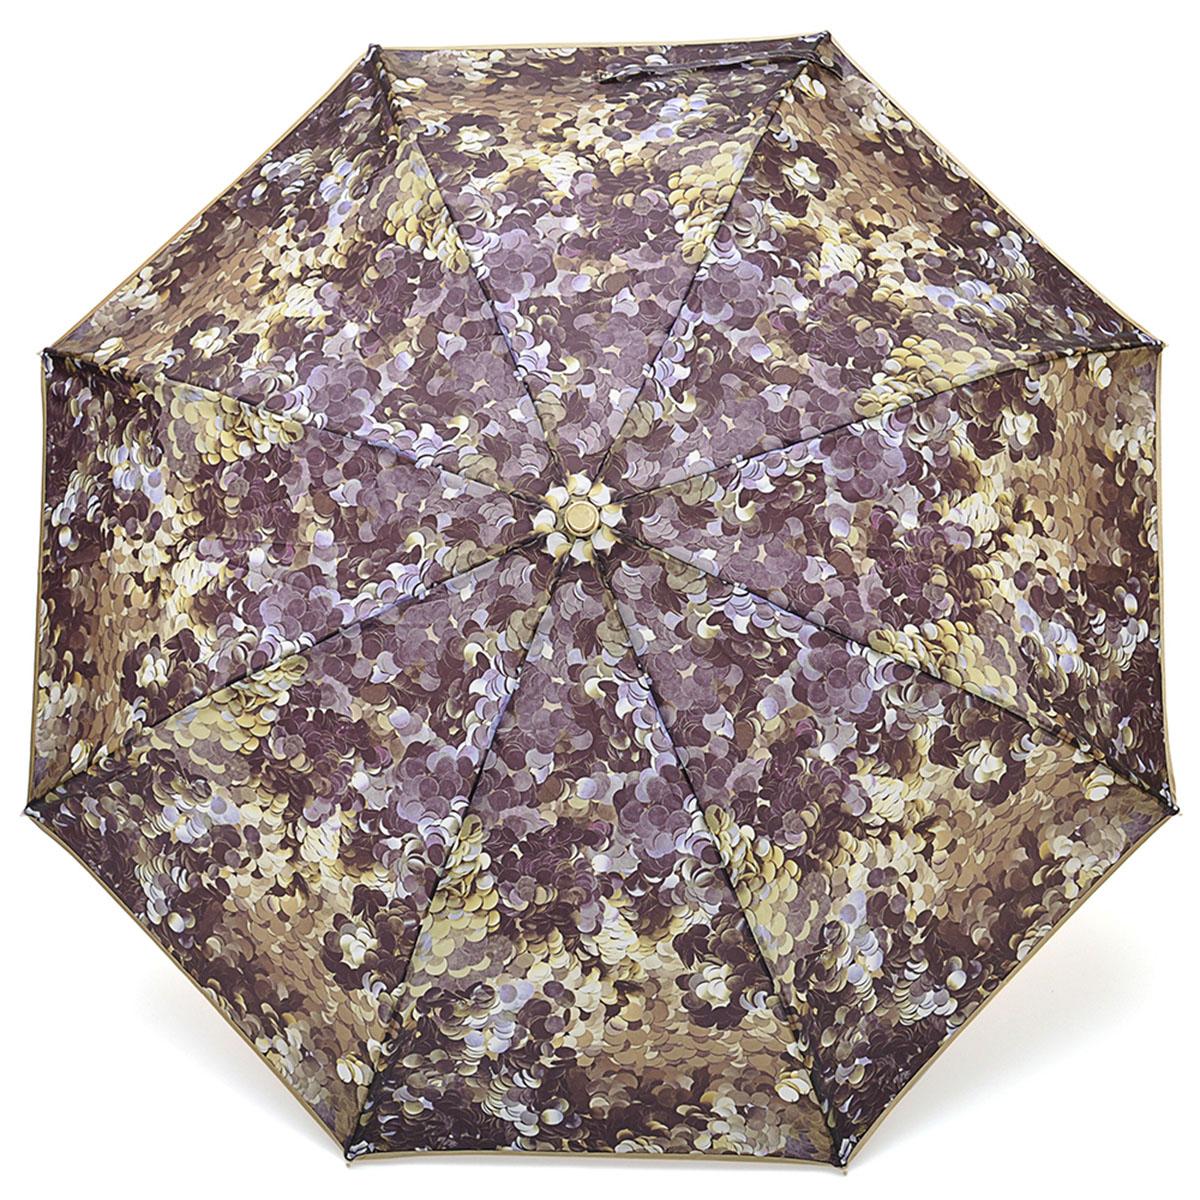 Зонт женский Stilla, автомат, 3 сложения, цвет: золотой, коричневый. 696/1 mini зонт stilla 680auto 1 светло коричневый